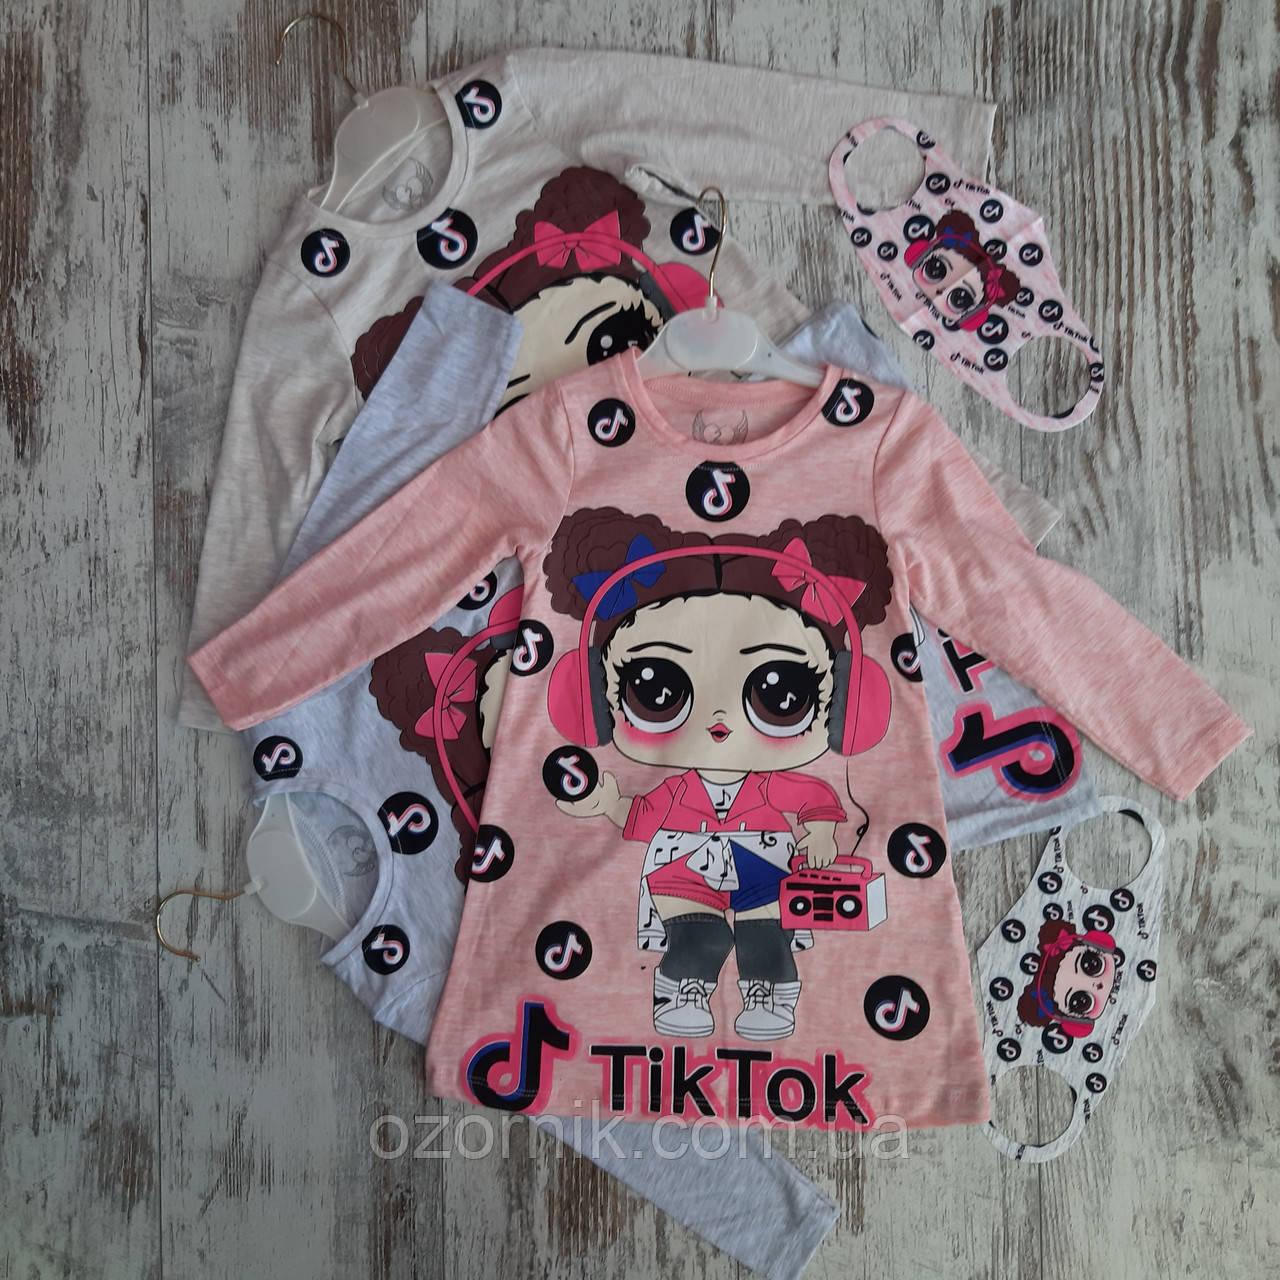 Оптом Детское Платье с Маской на Лицо Тик Ток 2-5 лет Турция